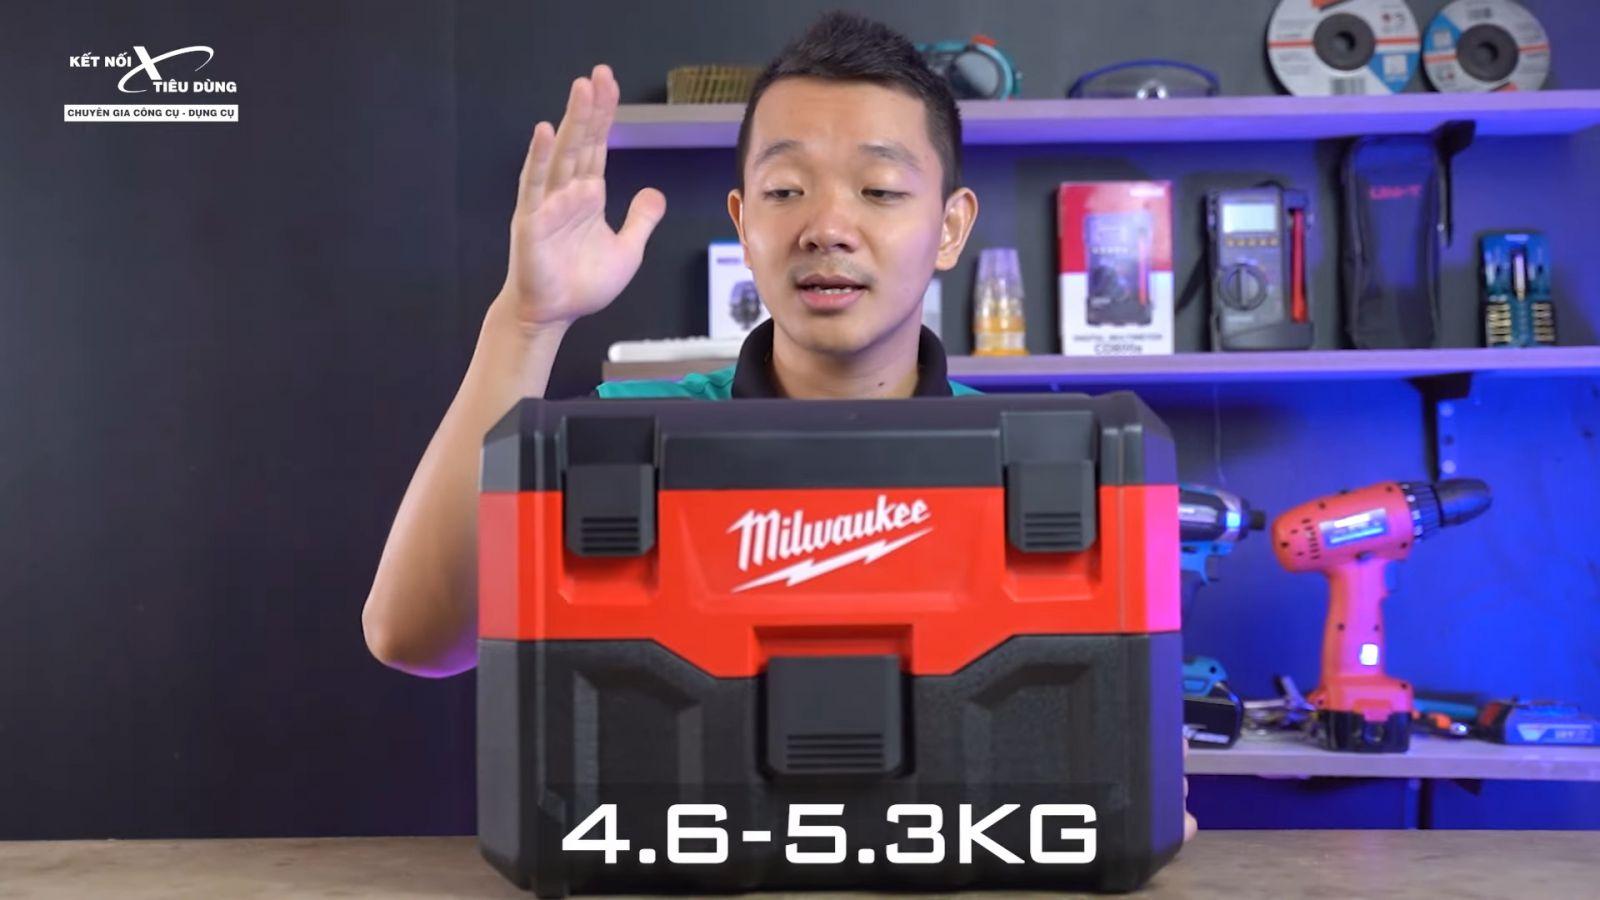 Review thùng ướp bia Milwaukee đội lốt máy hút bụi - M18 VC2: Xịn sò, hầm hố, build cao, đi công trường ngon - ưu điểm nổi bật của máy hút bụi